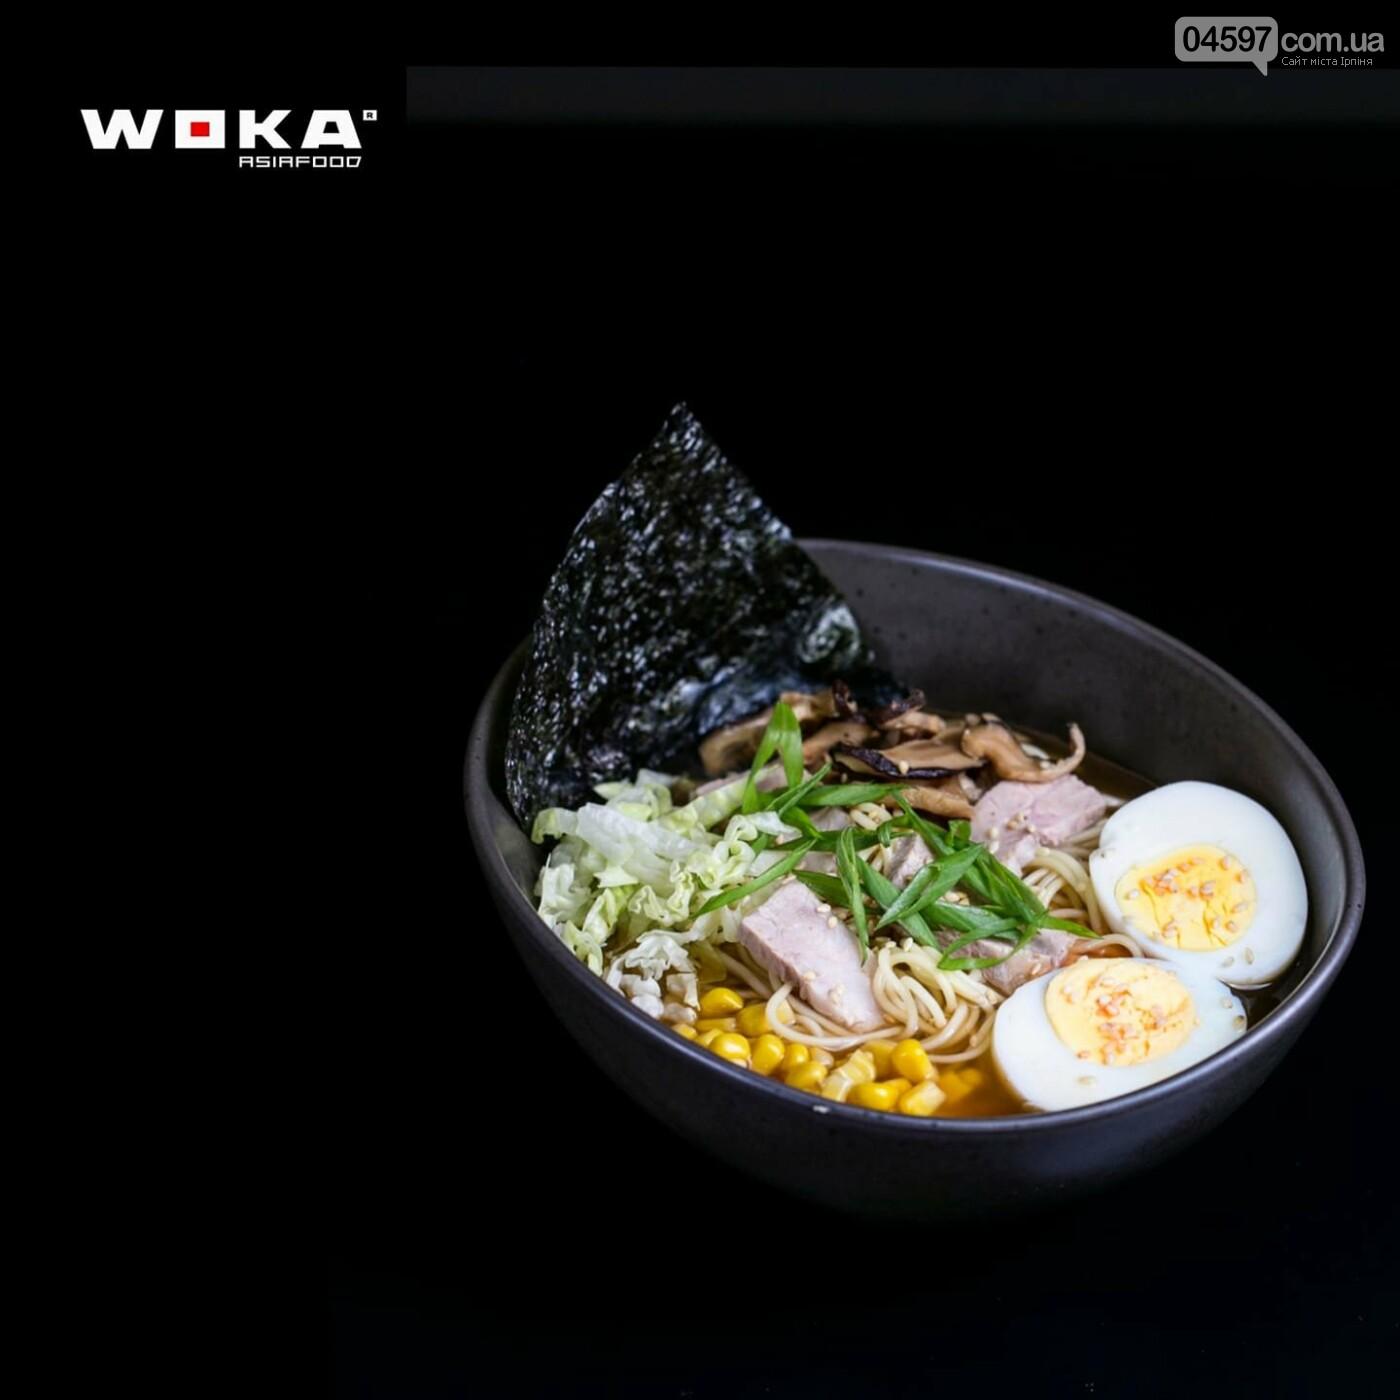 Заклад азіатської кухні WOKA в Ірпені